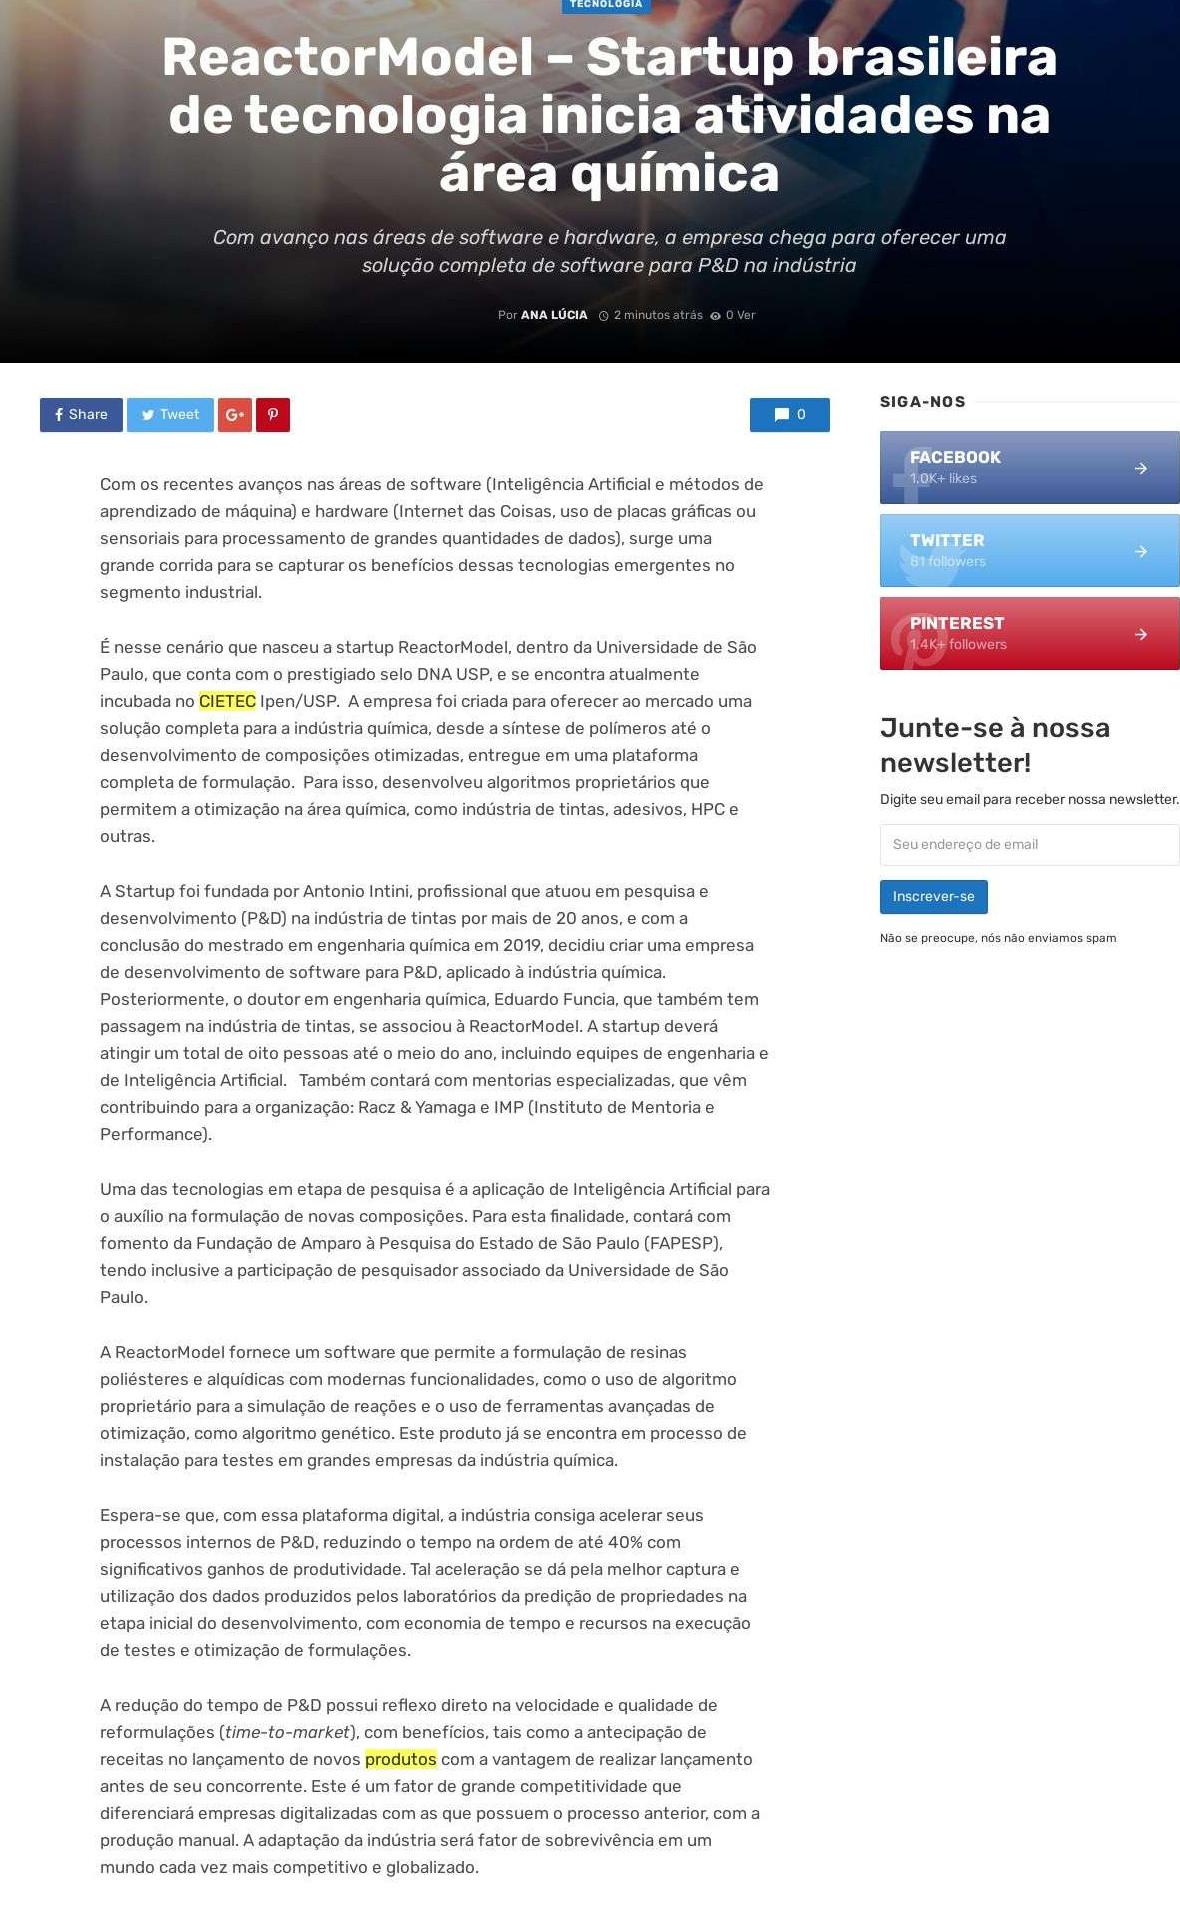 ReactorModel - Startup brasileira de tecnologia inicia atividades na área química - Portal RBN